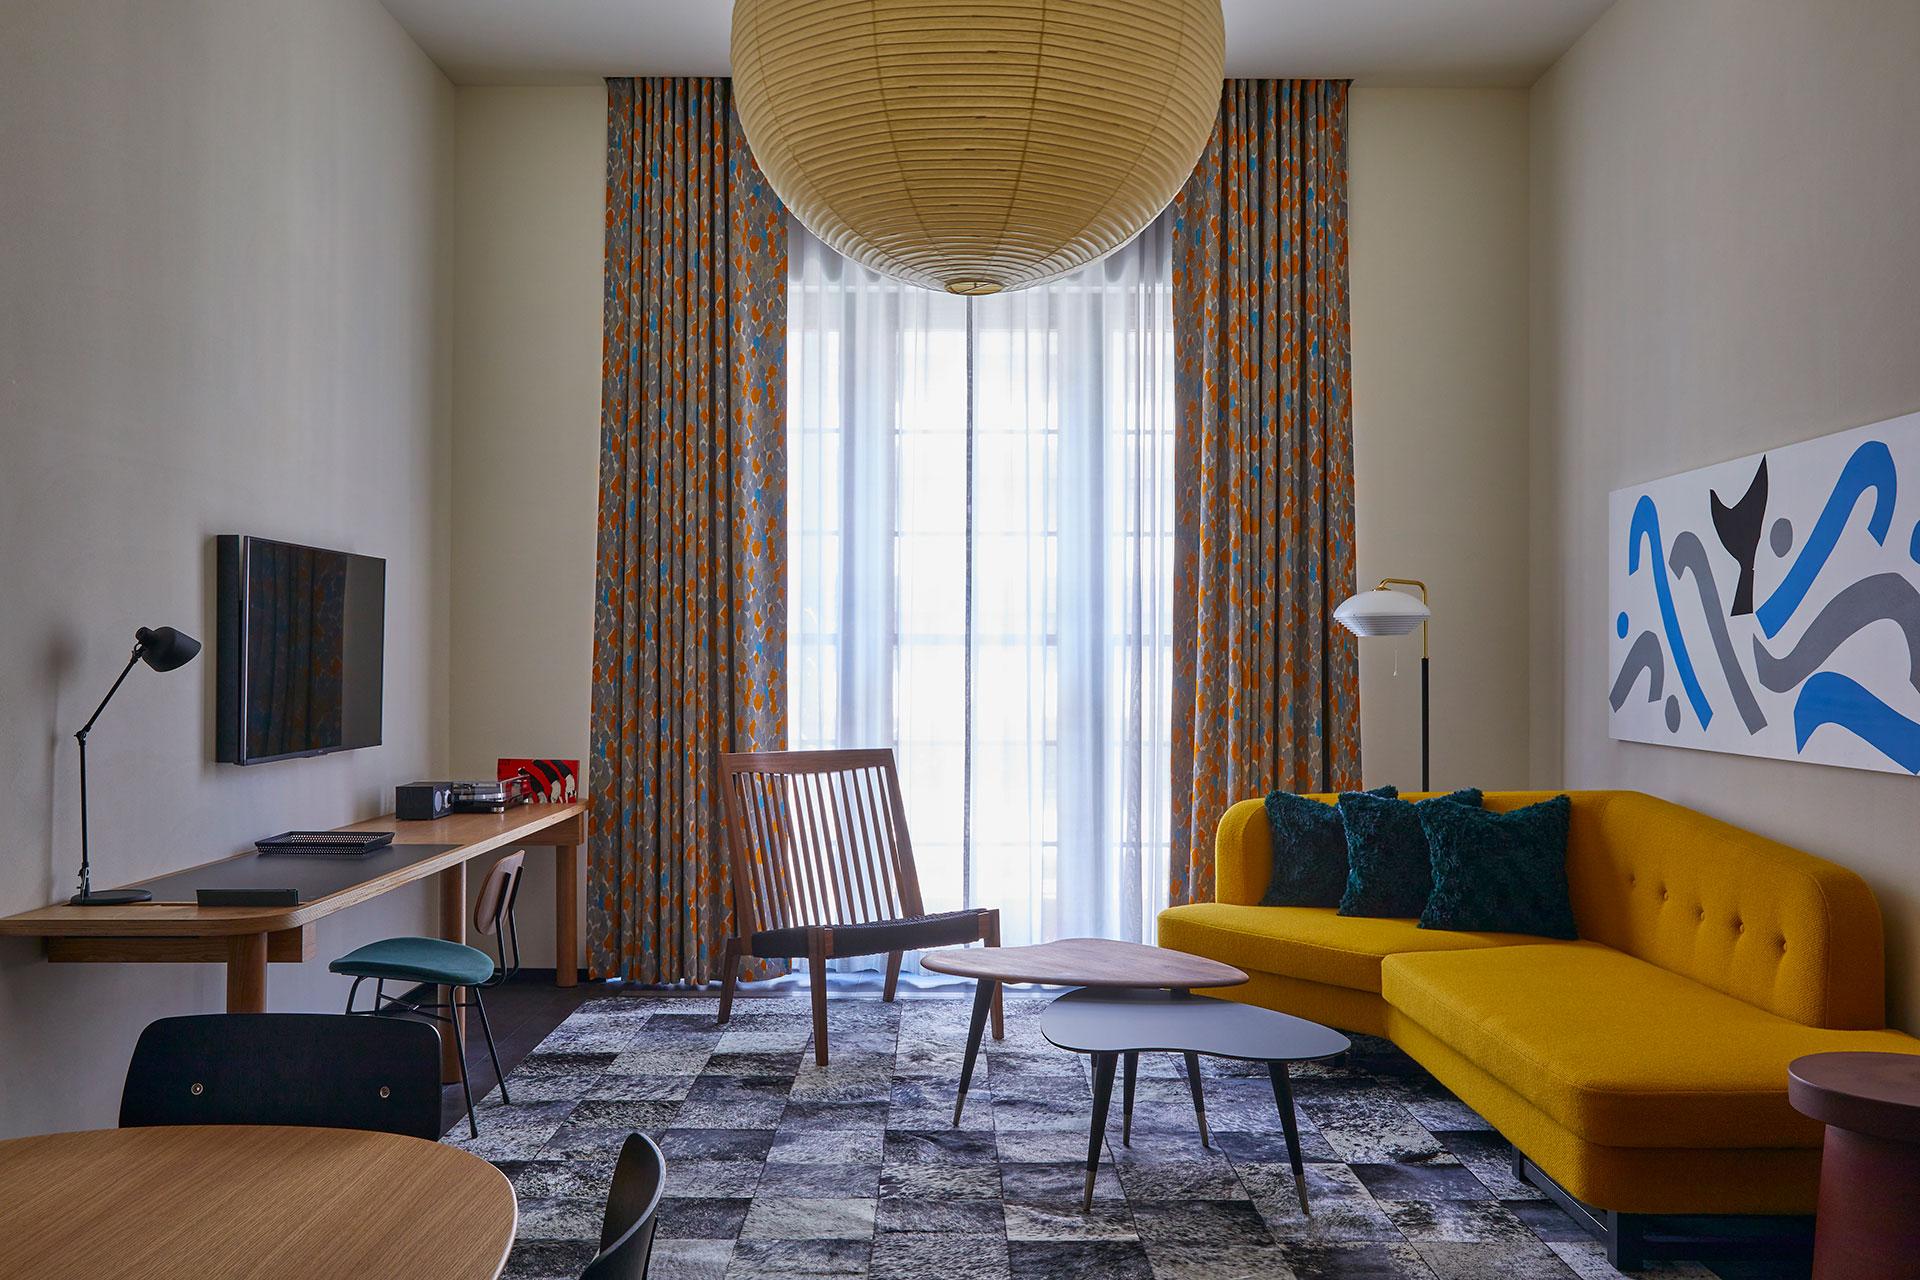 Ace Hotel Kyoto. Loft Suite. Photo by Yoshihiro Makino.